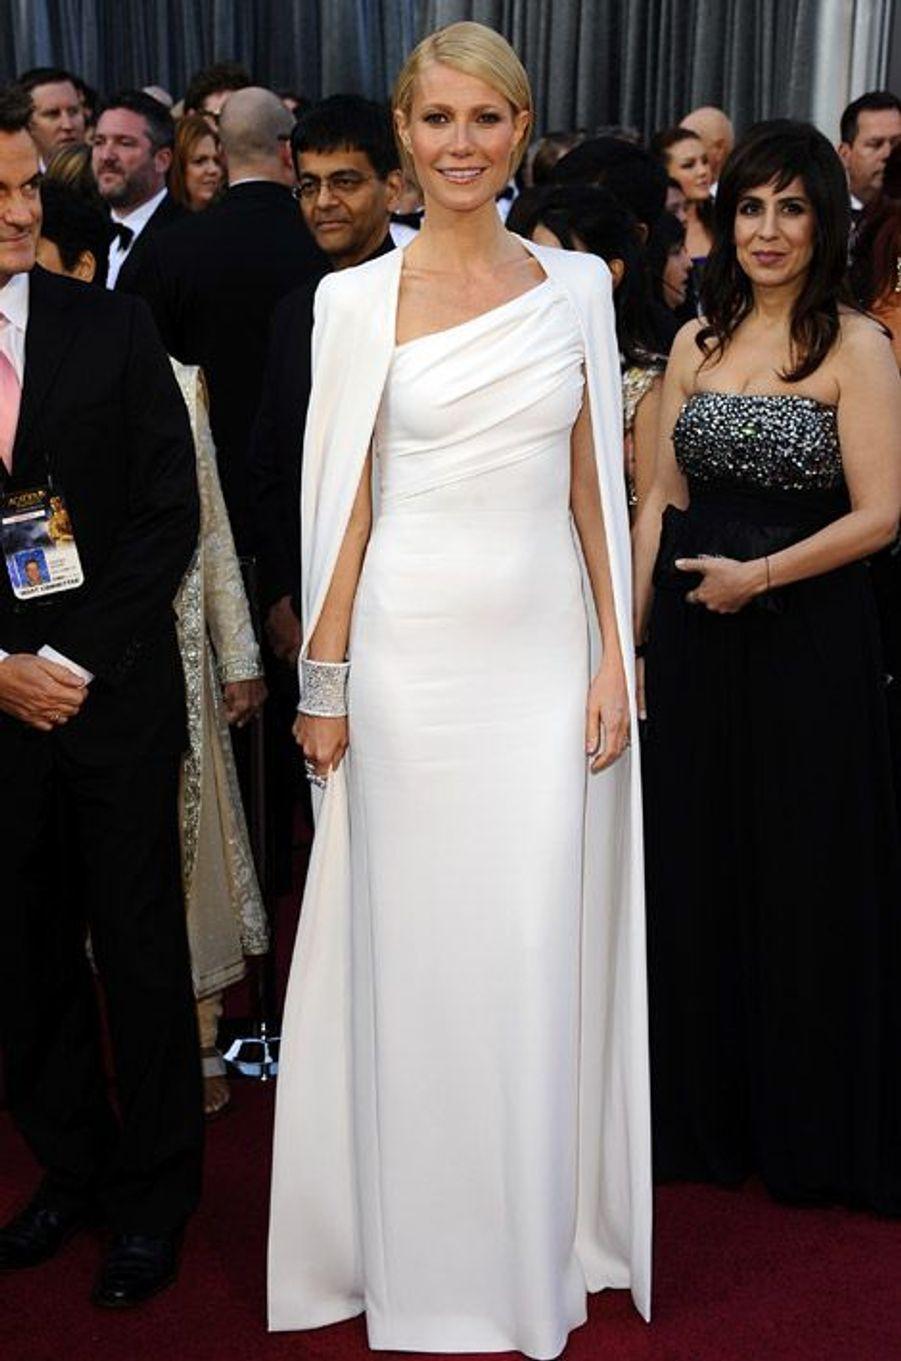 L'actrice Gwyneth Paltrow en Tom Ford, lors de la cérémonie des Oscars, le 26 février 2012